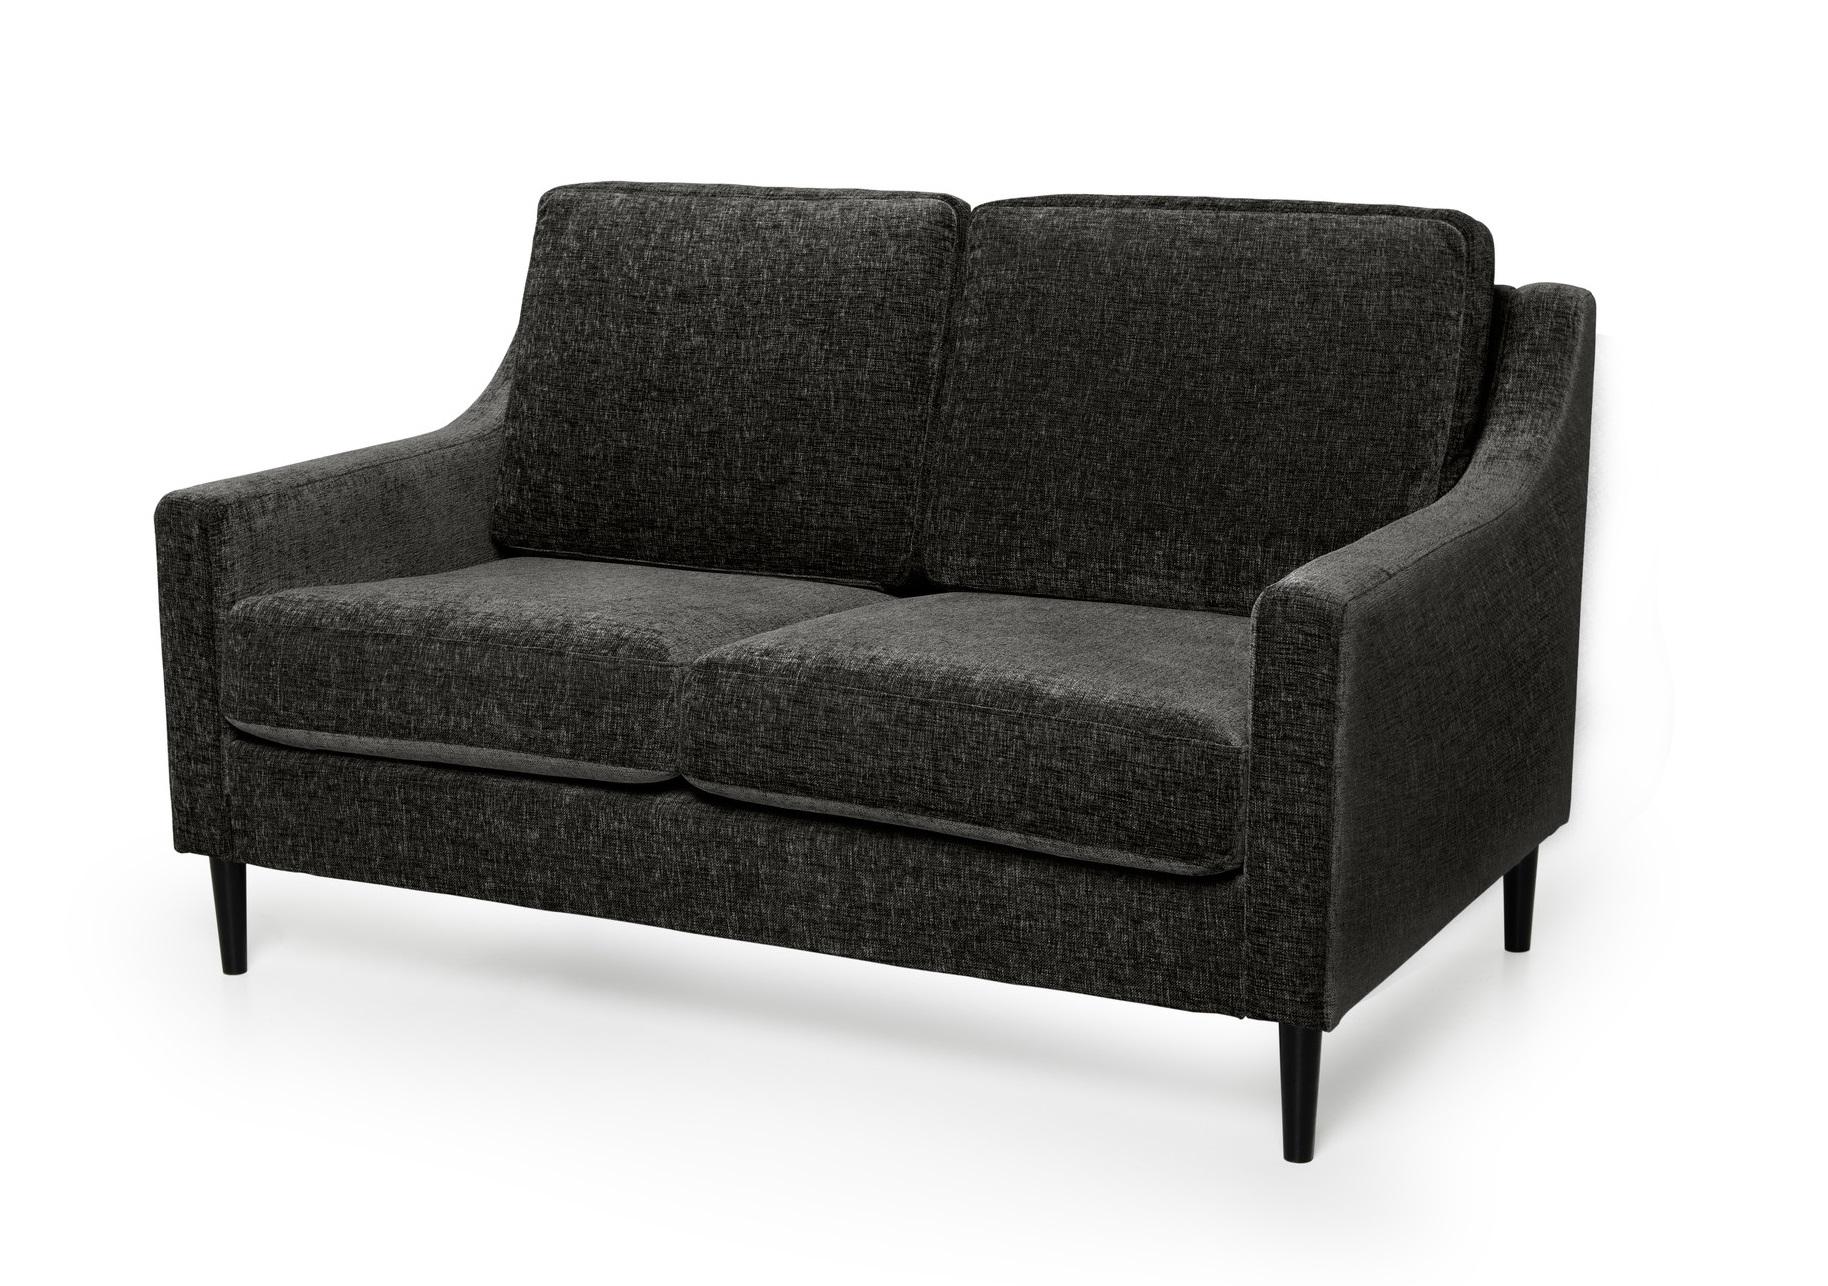 Диван НораДвухместные диваны<br>Диван Нора – грациозный и элегантный диван. Присев на диваны Нора, Вы ощутите упругость и комфорт, который создаётся благодаря эргономичному дизайну.&amp;amp;nbsp;&amp;lt;div&amp;gt;&amp;lt;br&amp;gt;&amp;lt;/div&amp;gt;&amp;lt;div&amp;gt;Не разбирается. Каркас (комбинации дерева, фанеры и ЛДСП).&amp;amp;nbsp;&amp;lt;/div&amp;gt;&amp;lt;div&amp;gt;Для сидячих подушек используют пену различной плотности, а также перо и силиконовое волокно.&amp;amp;nbsp;&amp;lt;/div&amp;gt;&amp;lt;div&amp;gt;Для задних подушек есть пять видов наполнения: пена, измельченая пена, пена высокой эластичности, силиконовые волокно.&amp;amp;nbsp;&amp;lt;/div&amp;gt;&amp;lt;div&amp;gt;Материал обивки: Panama 5 brown (Шенилл. Состав: 85% полиэстер, 15% вискоза).&amp;amp;nbsp;&amp;lt;br&amp;gt;&amp;lt;/div&amp;gt;<br><br>Material: Текстиль<br>Ширина см: 143<br>Высота см: 91<br>Глубина см: 90